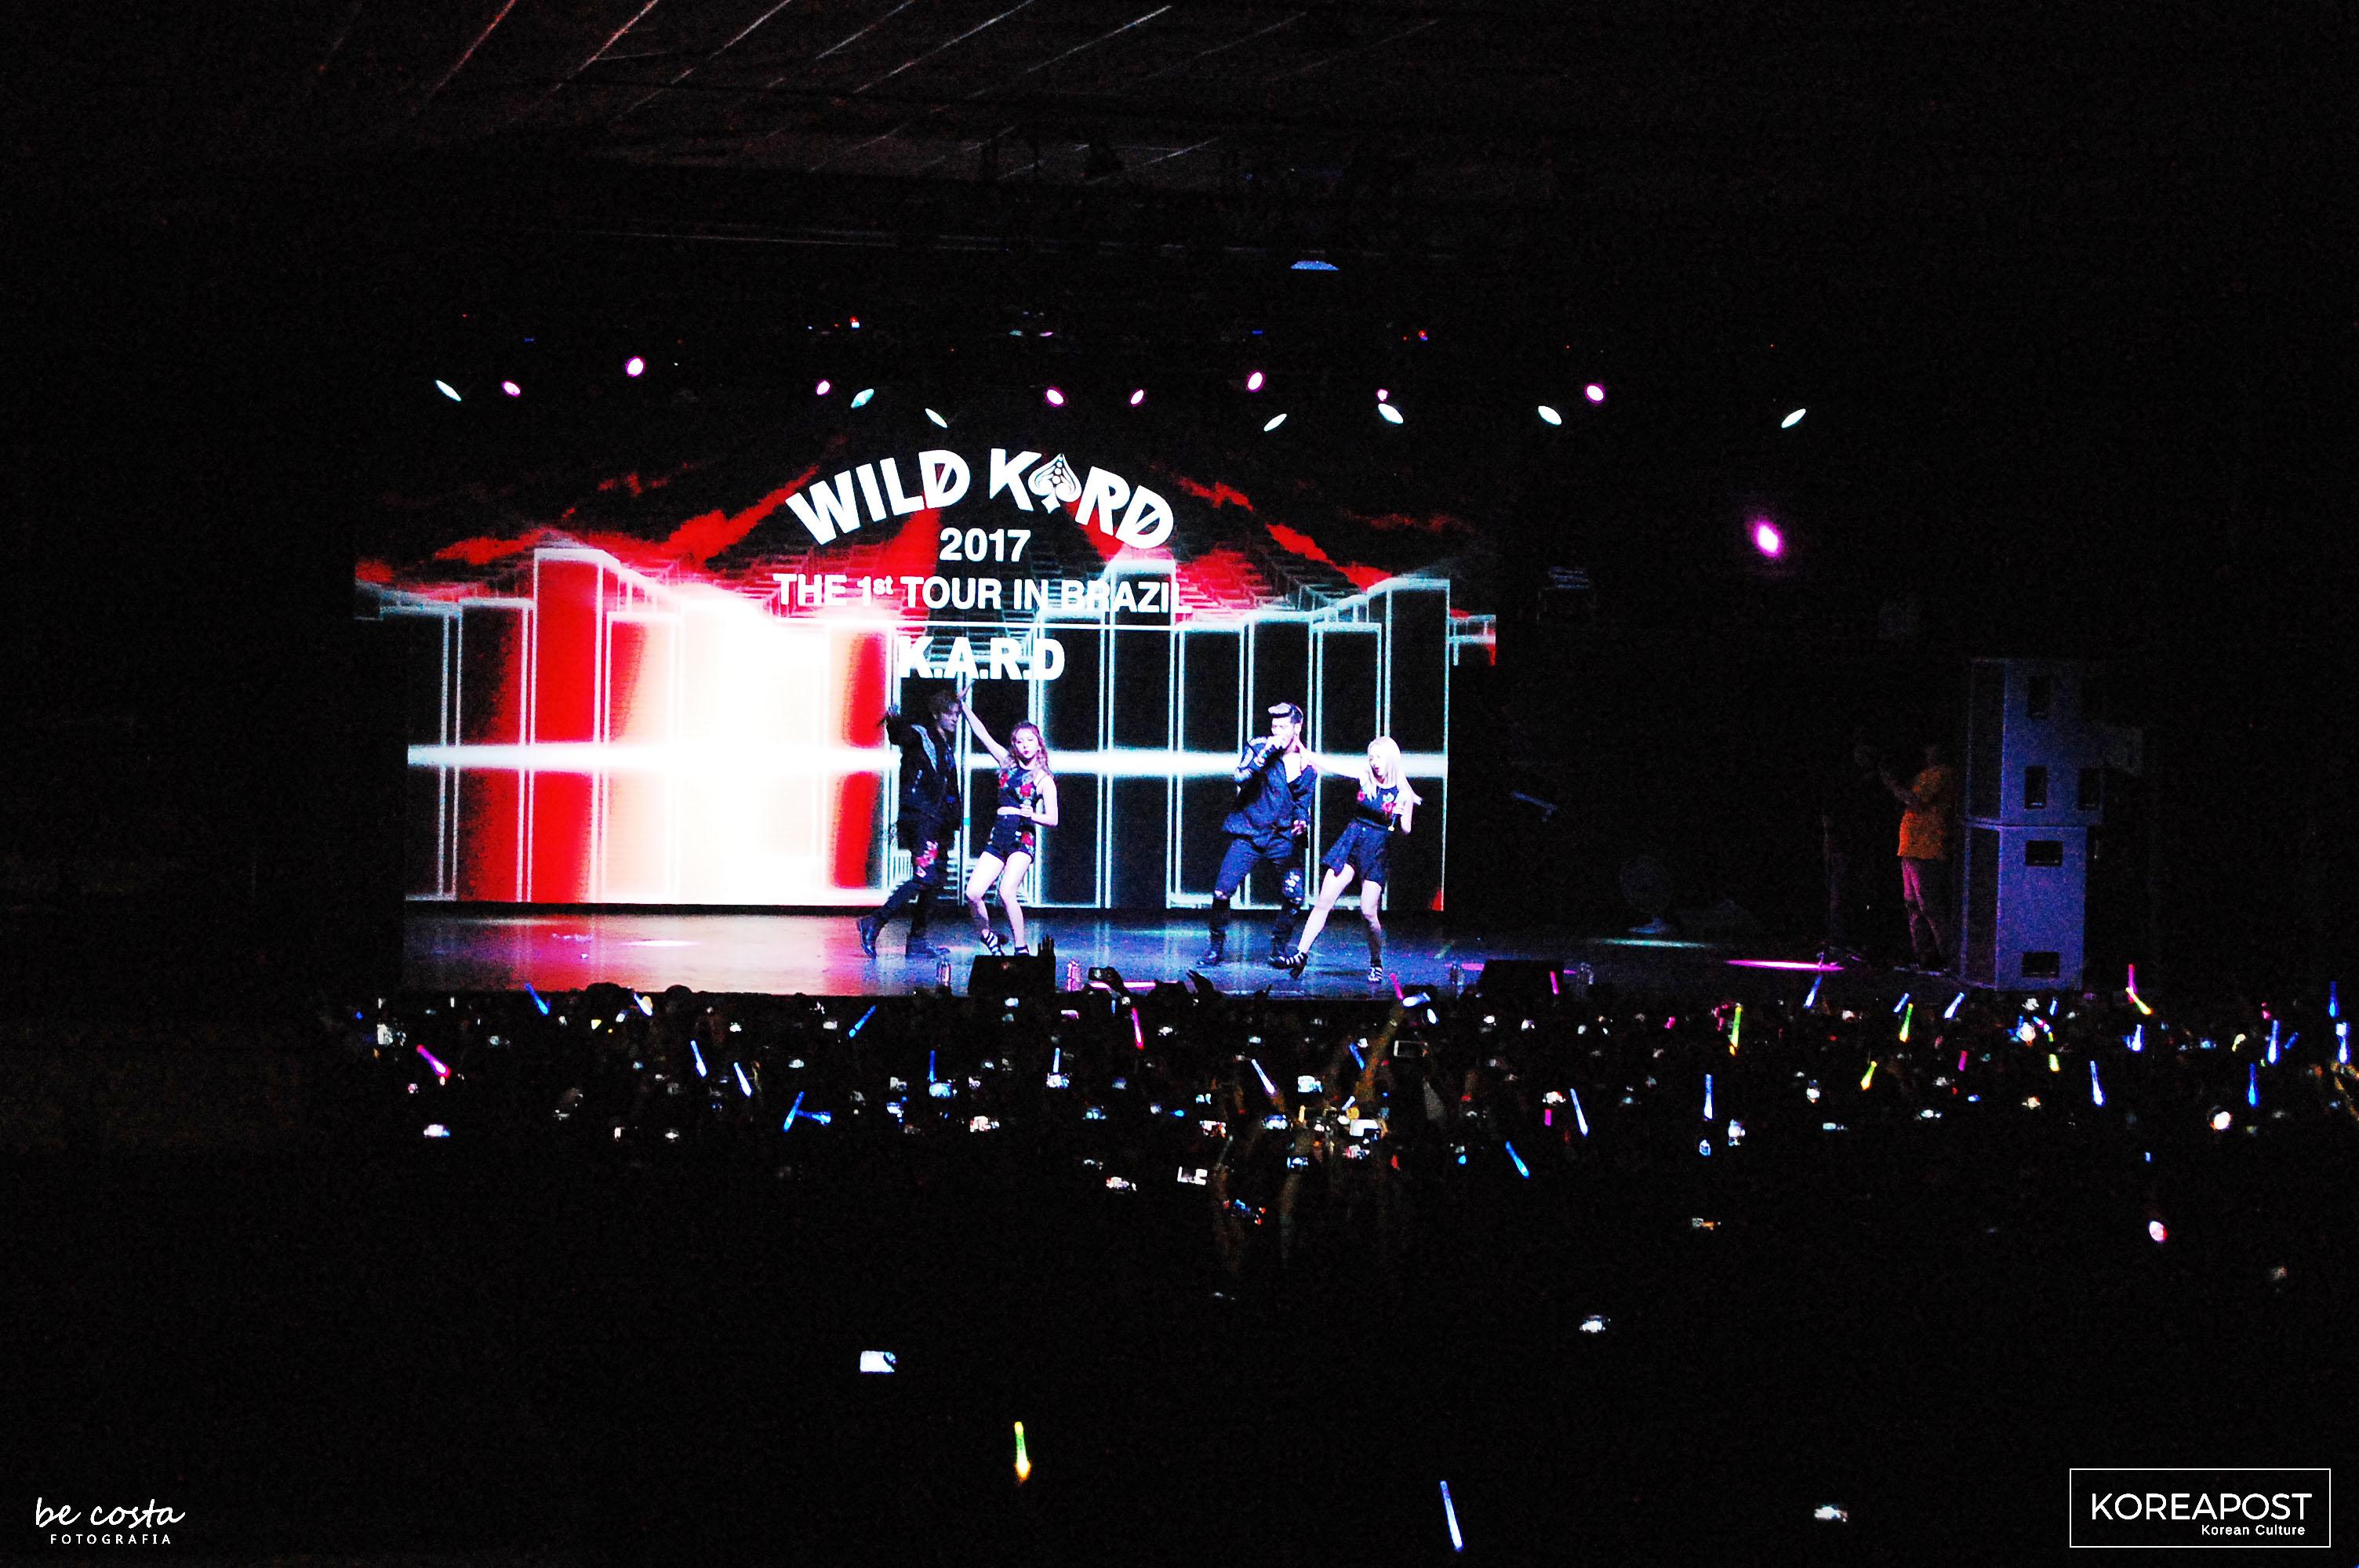 KARD no Tropical Butantã em São Paulo, apresenta a Wild Kard Tour, no dia 01 de julho. Foto: Koreapost.